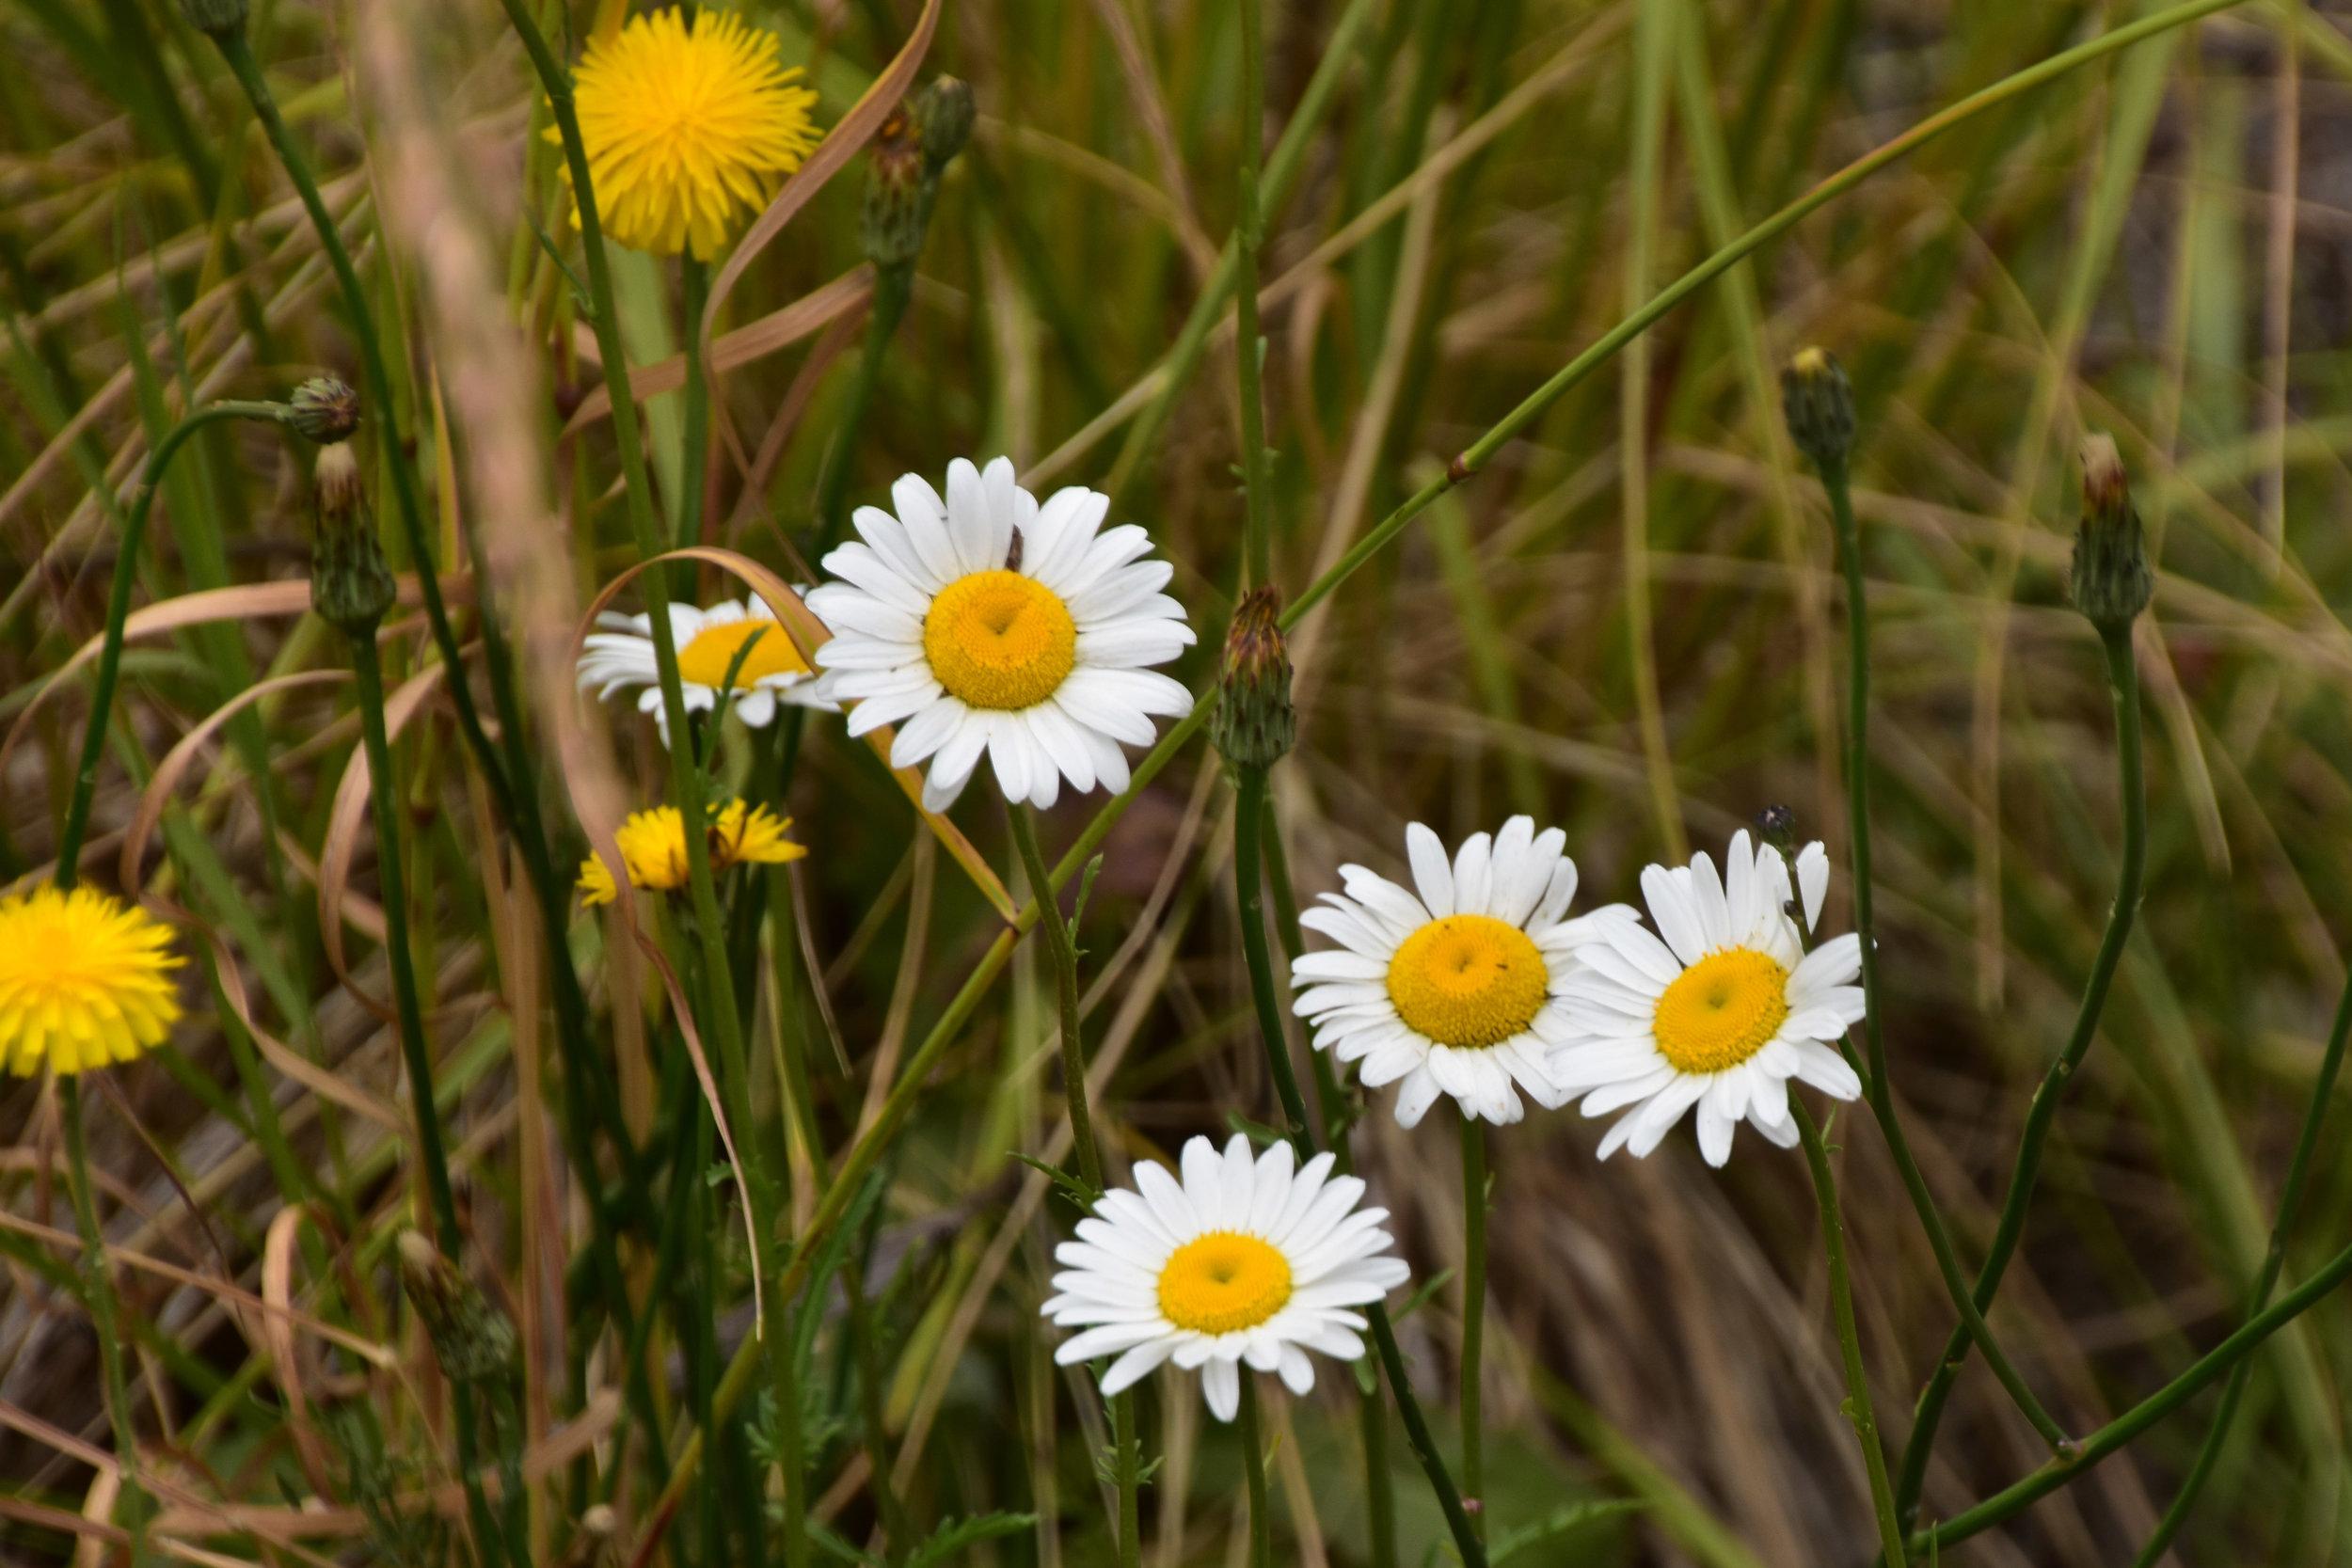 000_Flowers-1.jpg